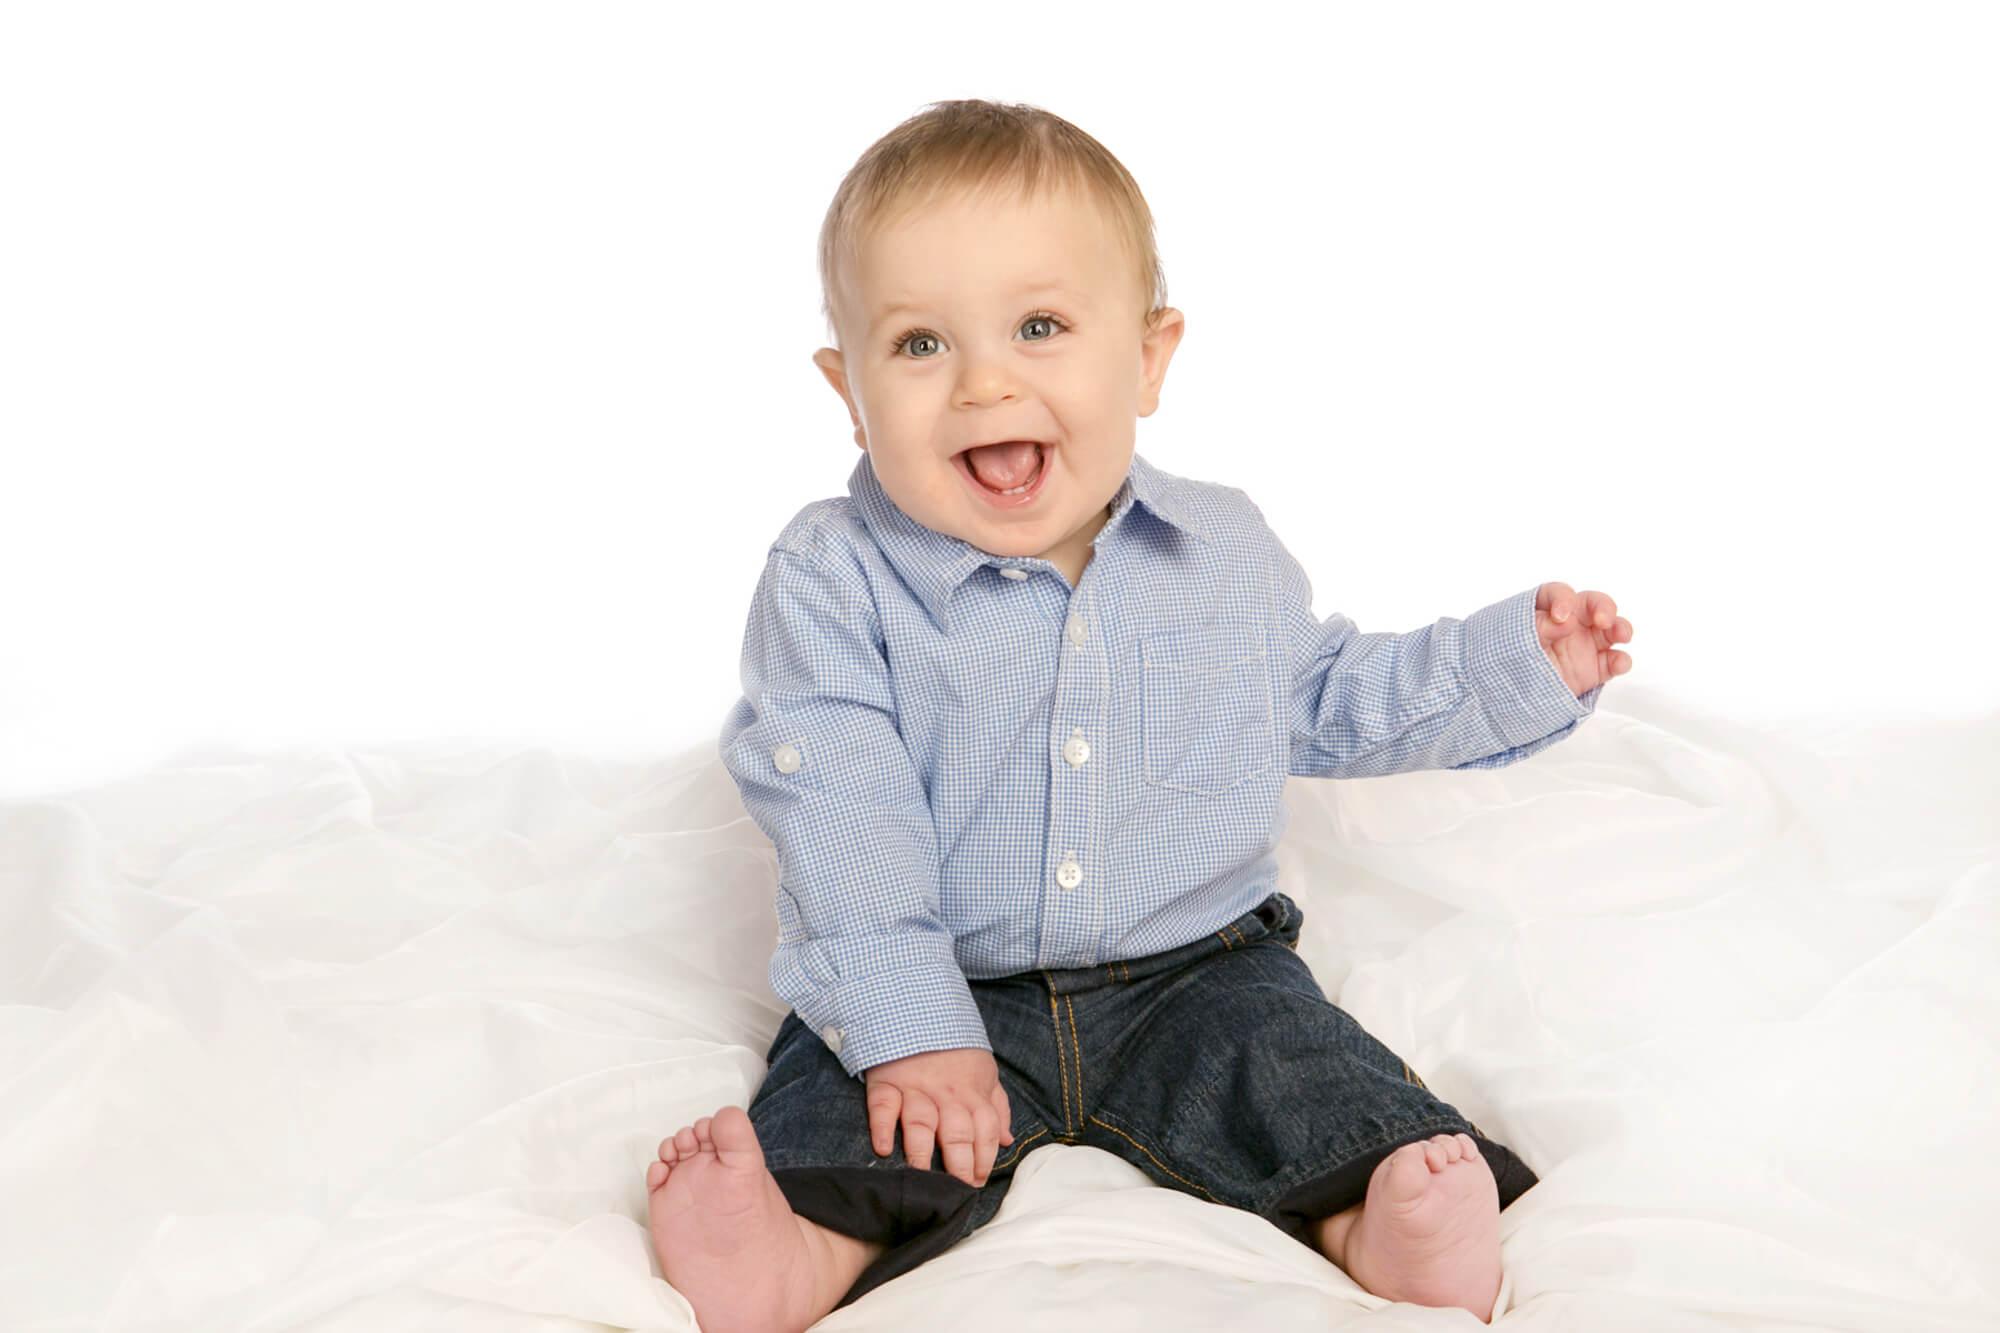 Baby Boy Portraits taken on White Backdrop